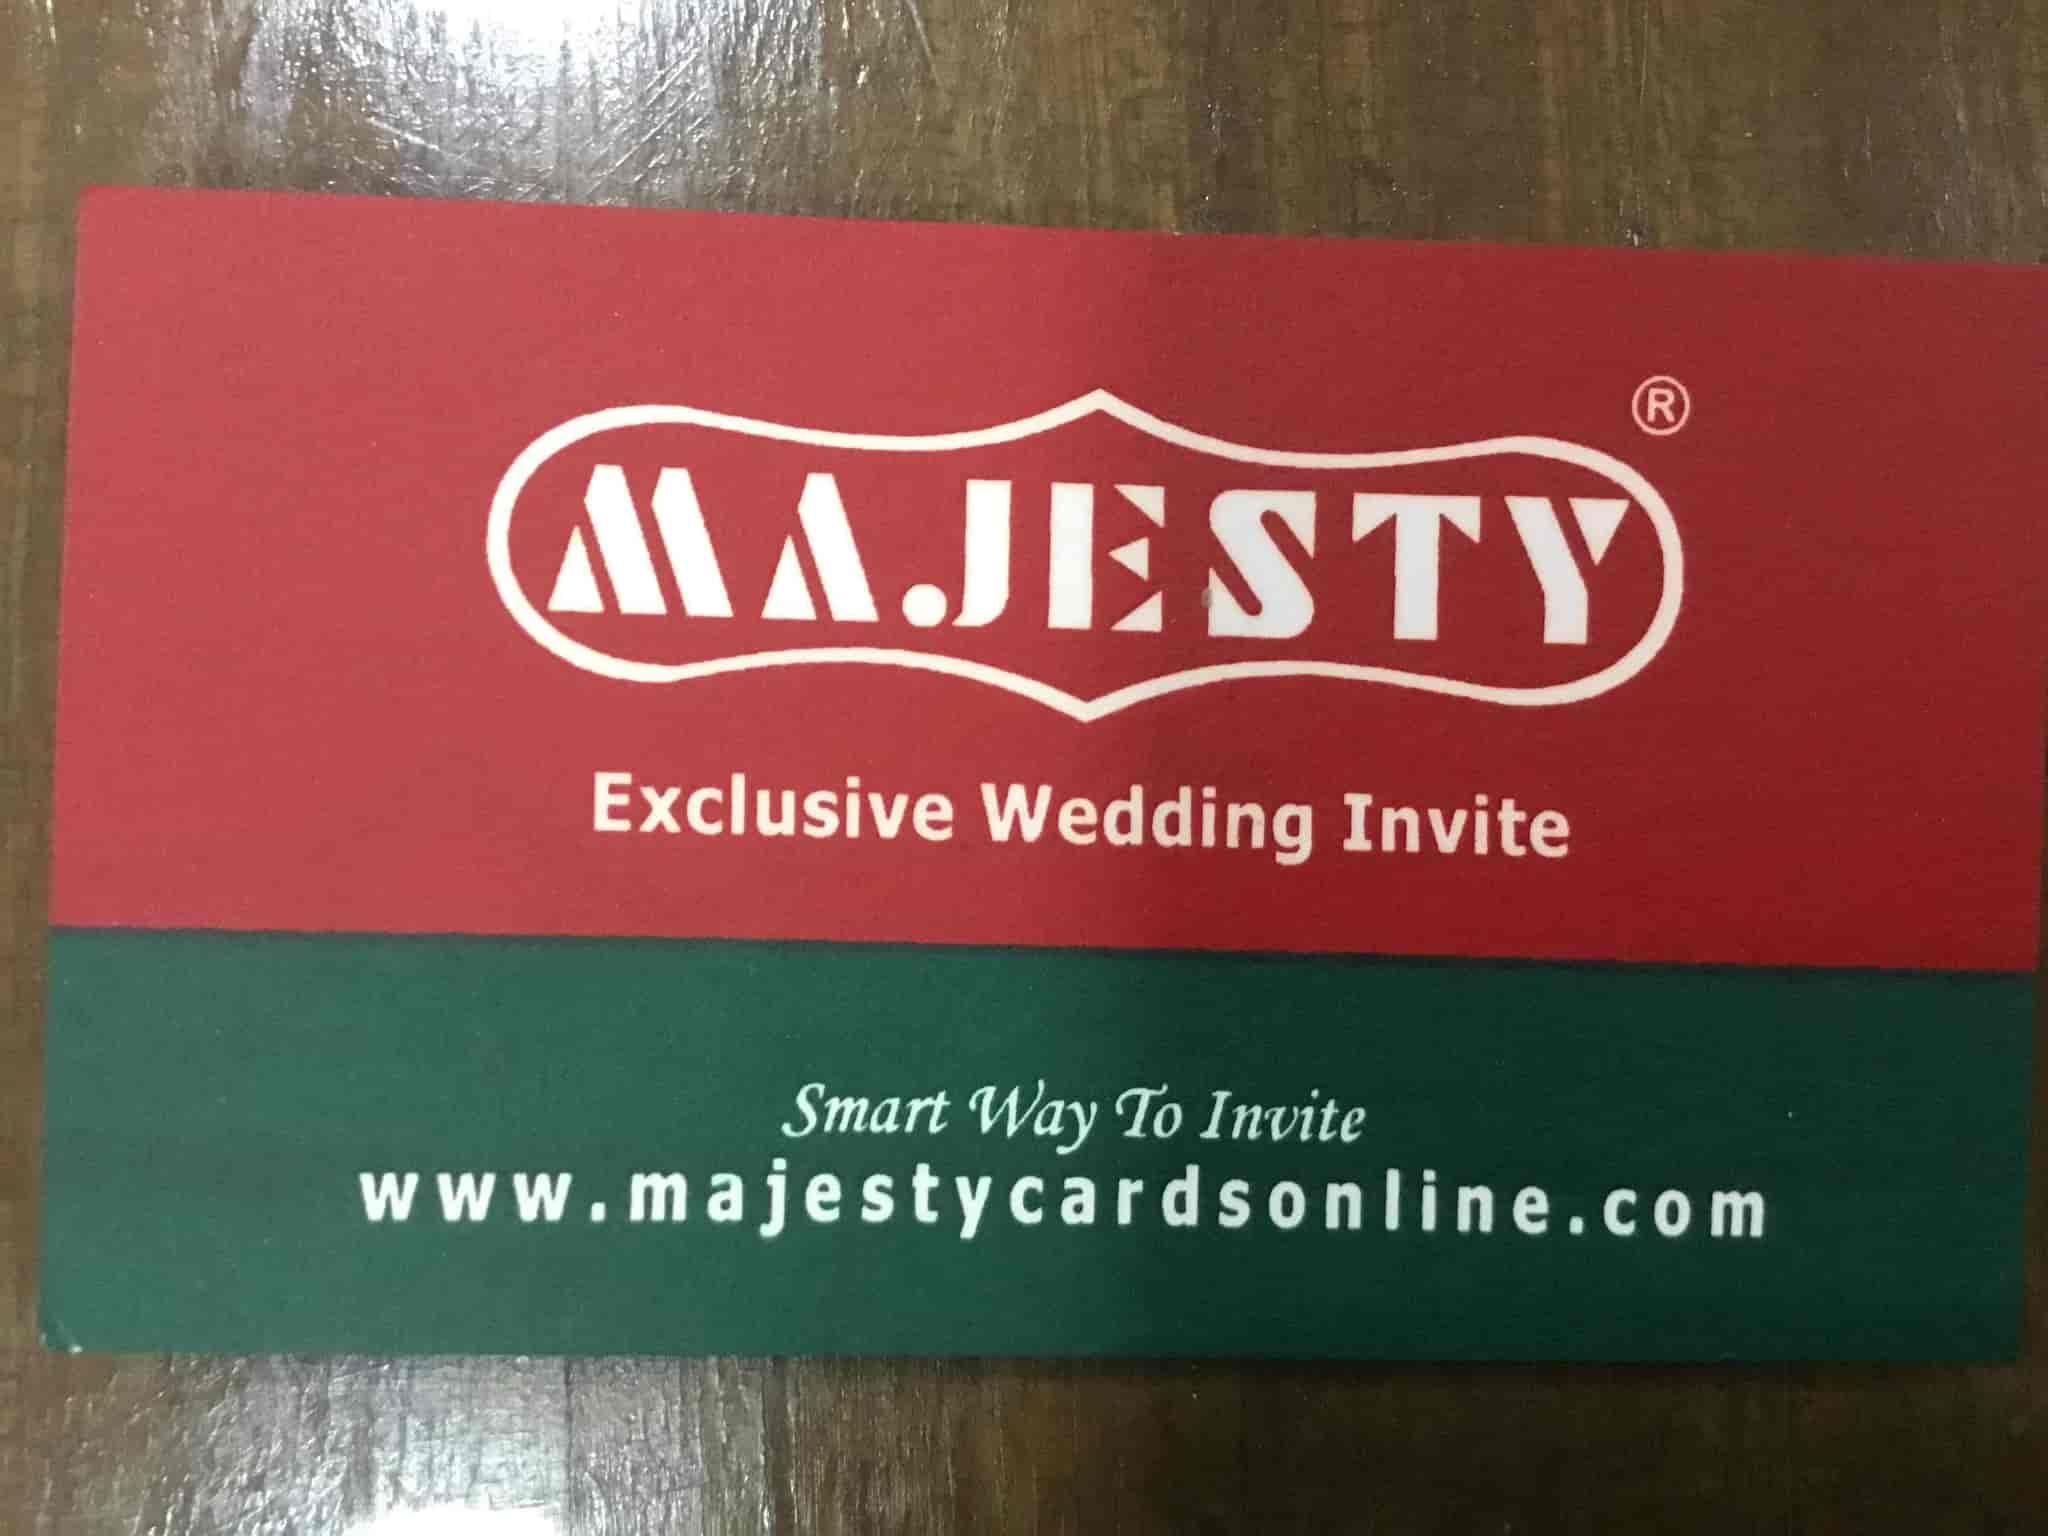 Majesty Cards, Navrangpura - Majesty Agencies - Wedding Card ...